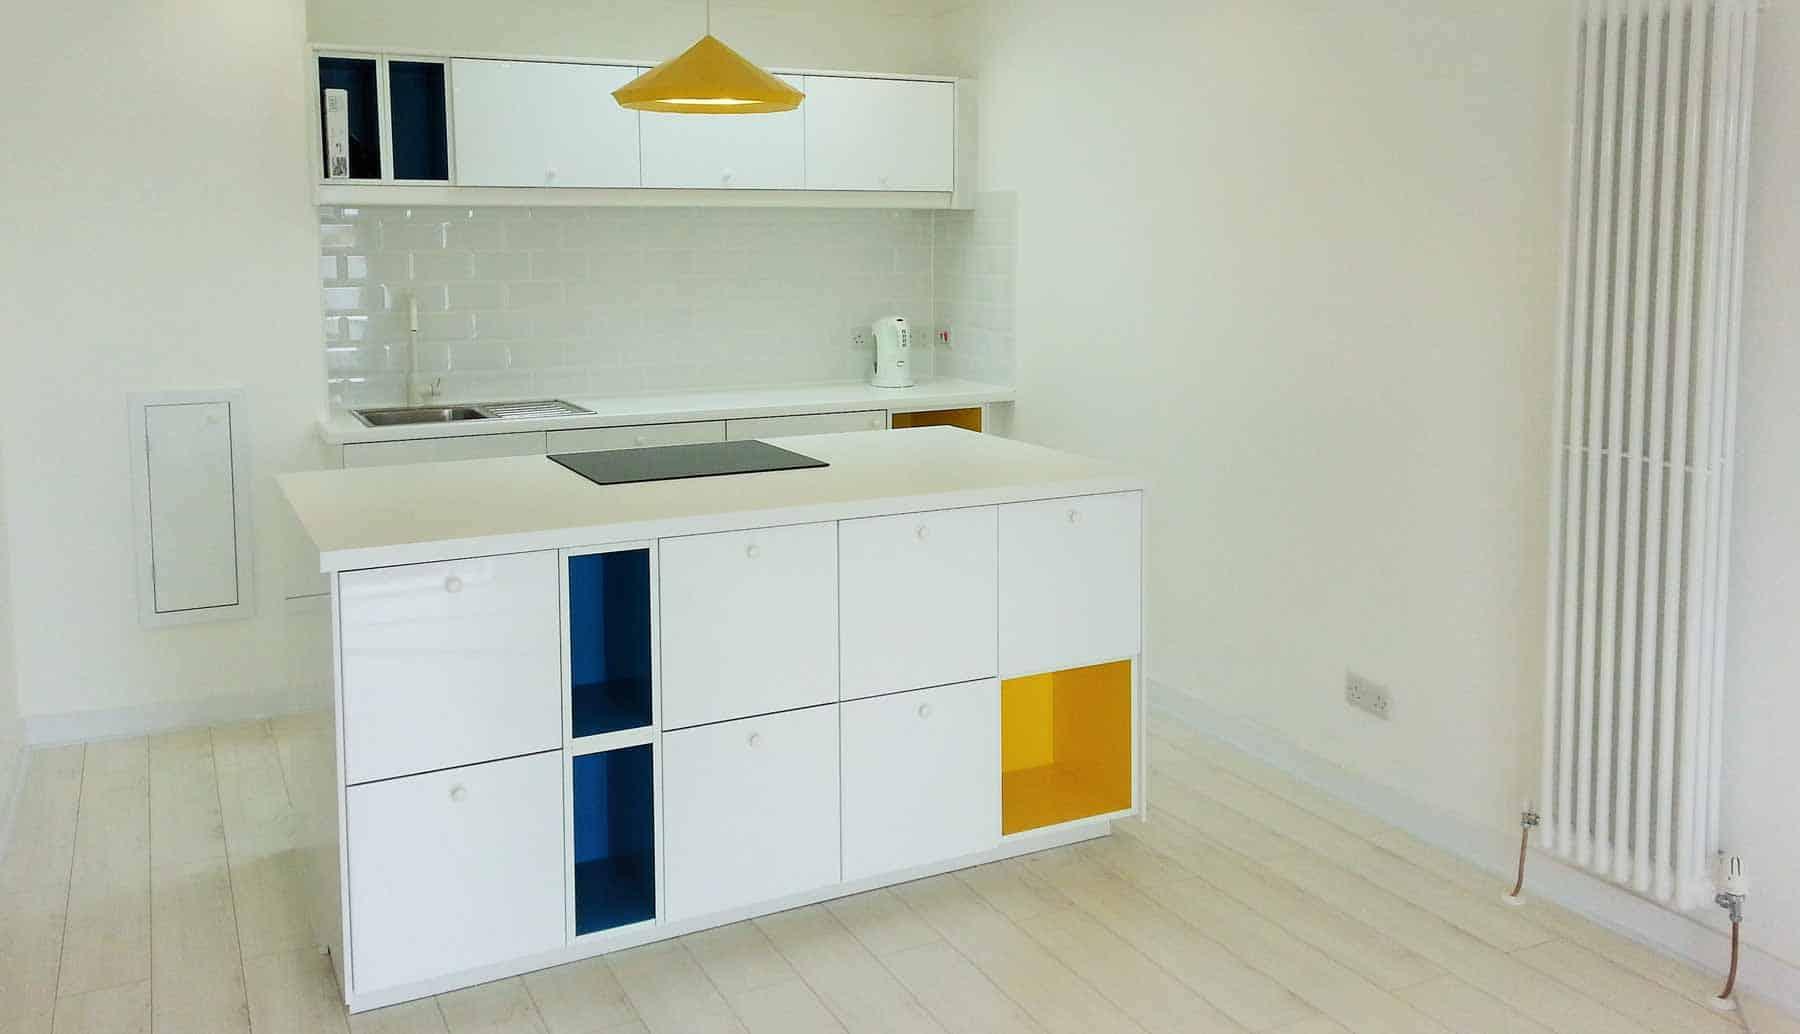 L Vickery Builder In North Devon Design Build